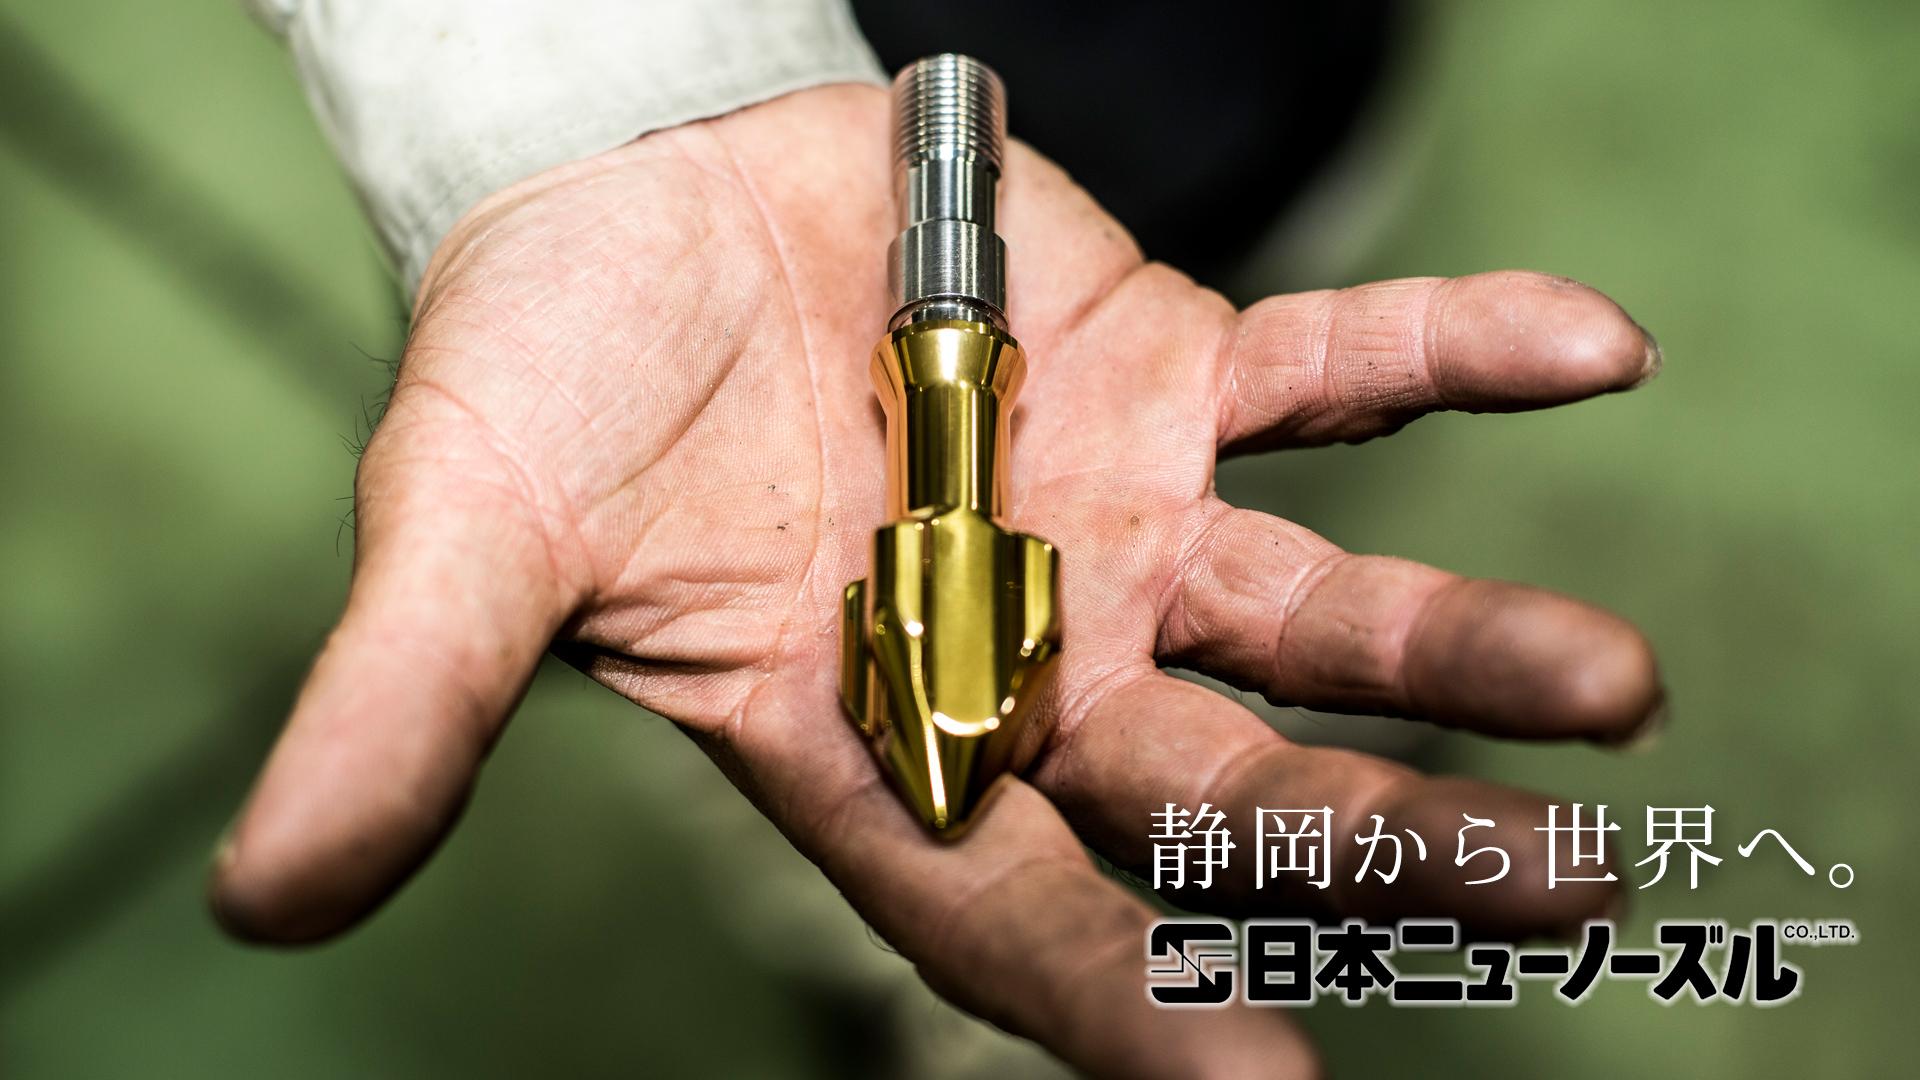 日本ニューノーズル株式会社